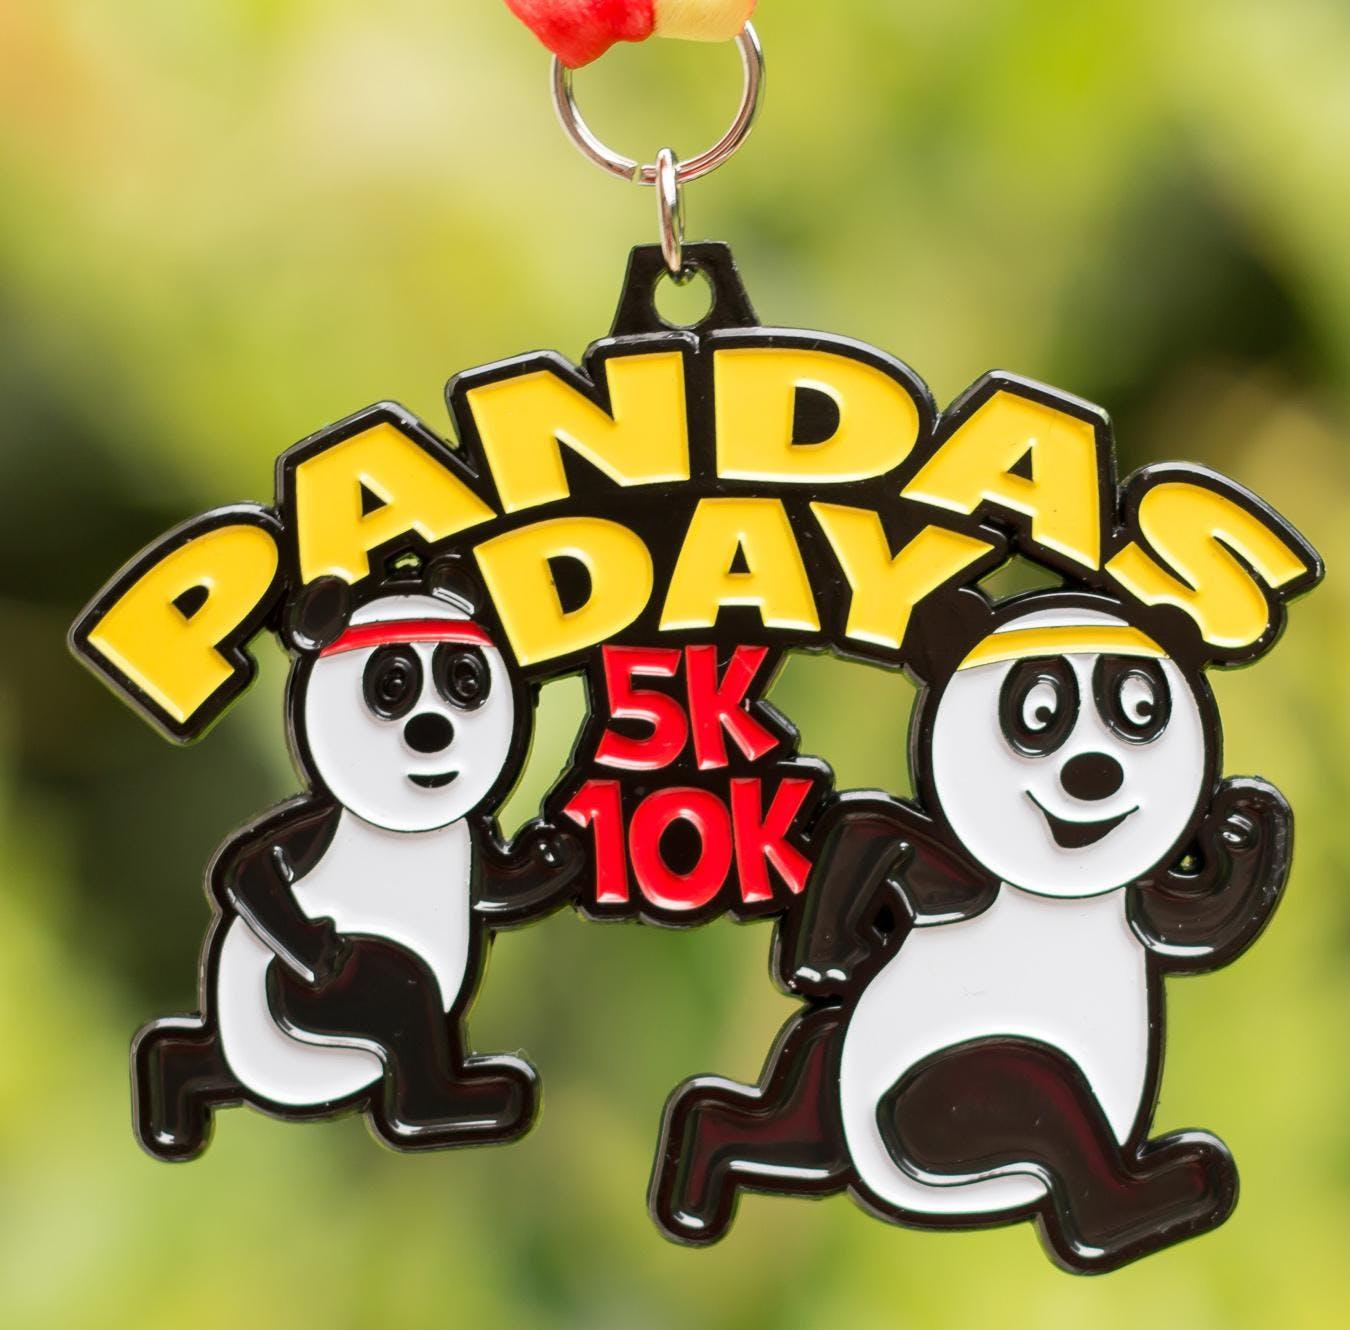 PANDAS Day 5K & 10K - Phoenix